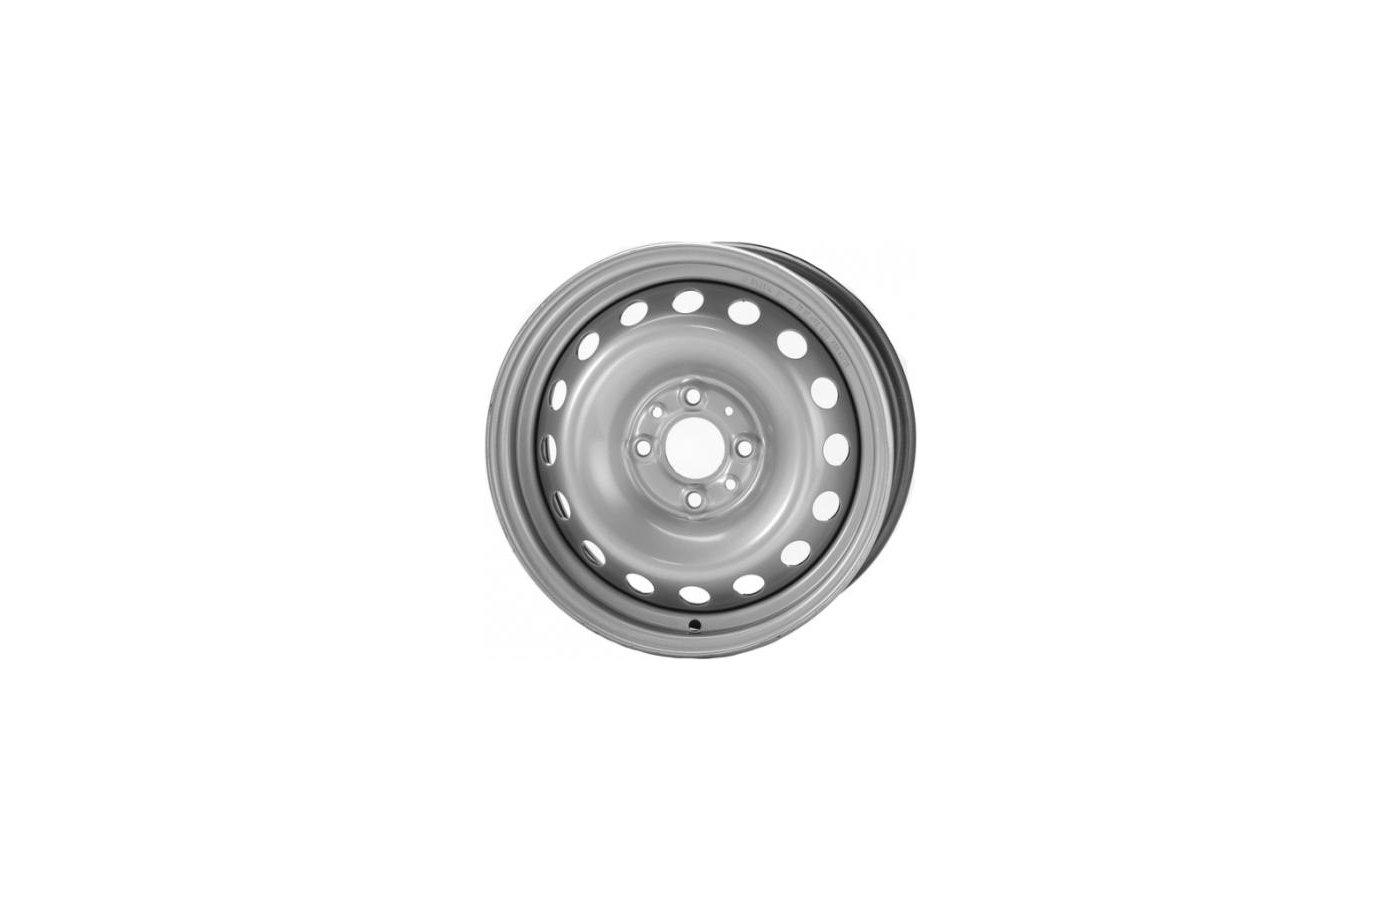 Диск Trebl 7625 6.5x16/5x114.3 D60.1 ET39 Silver